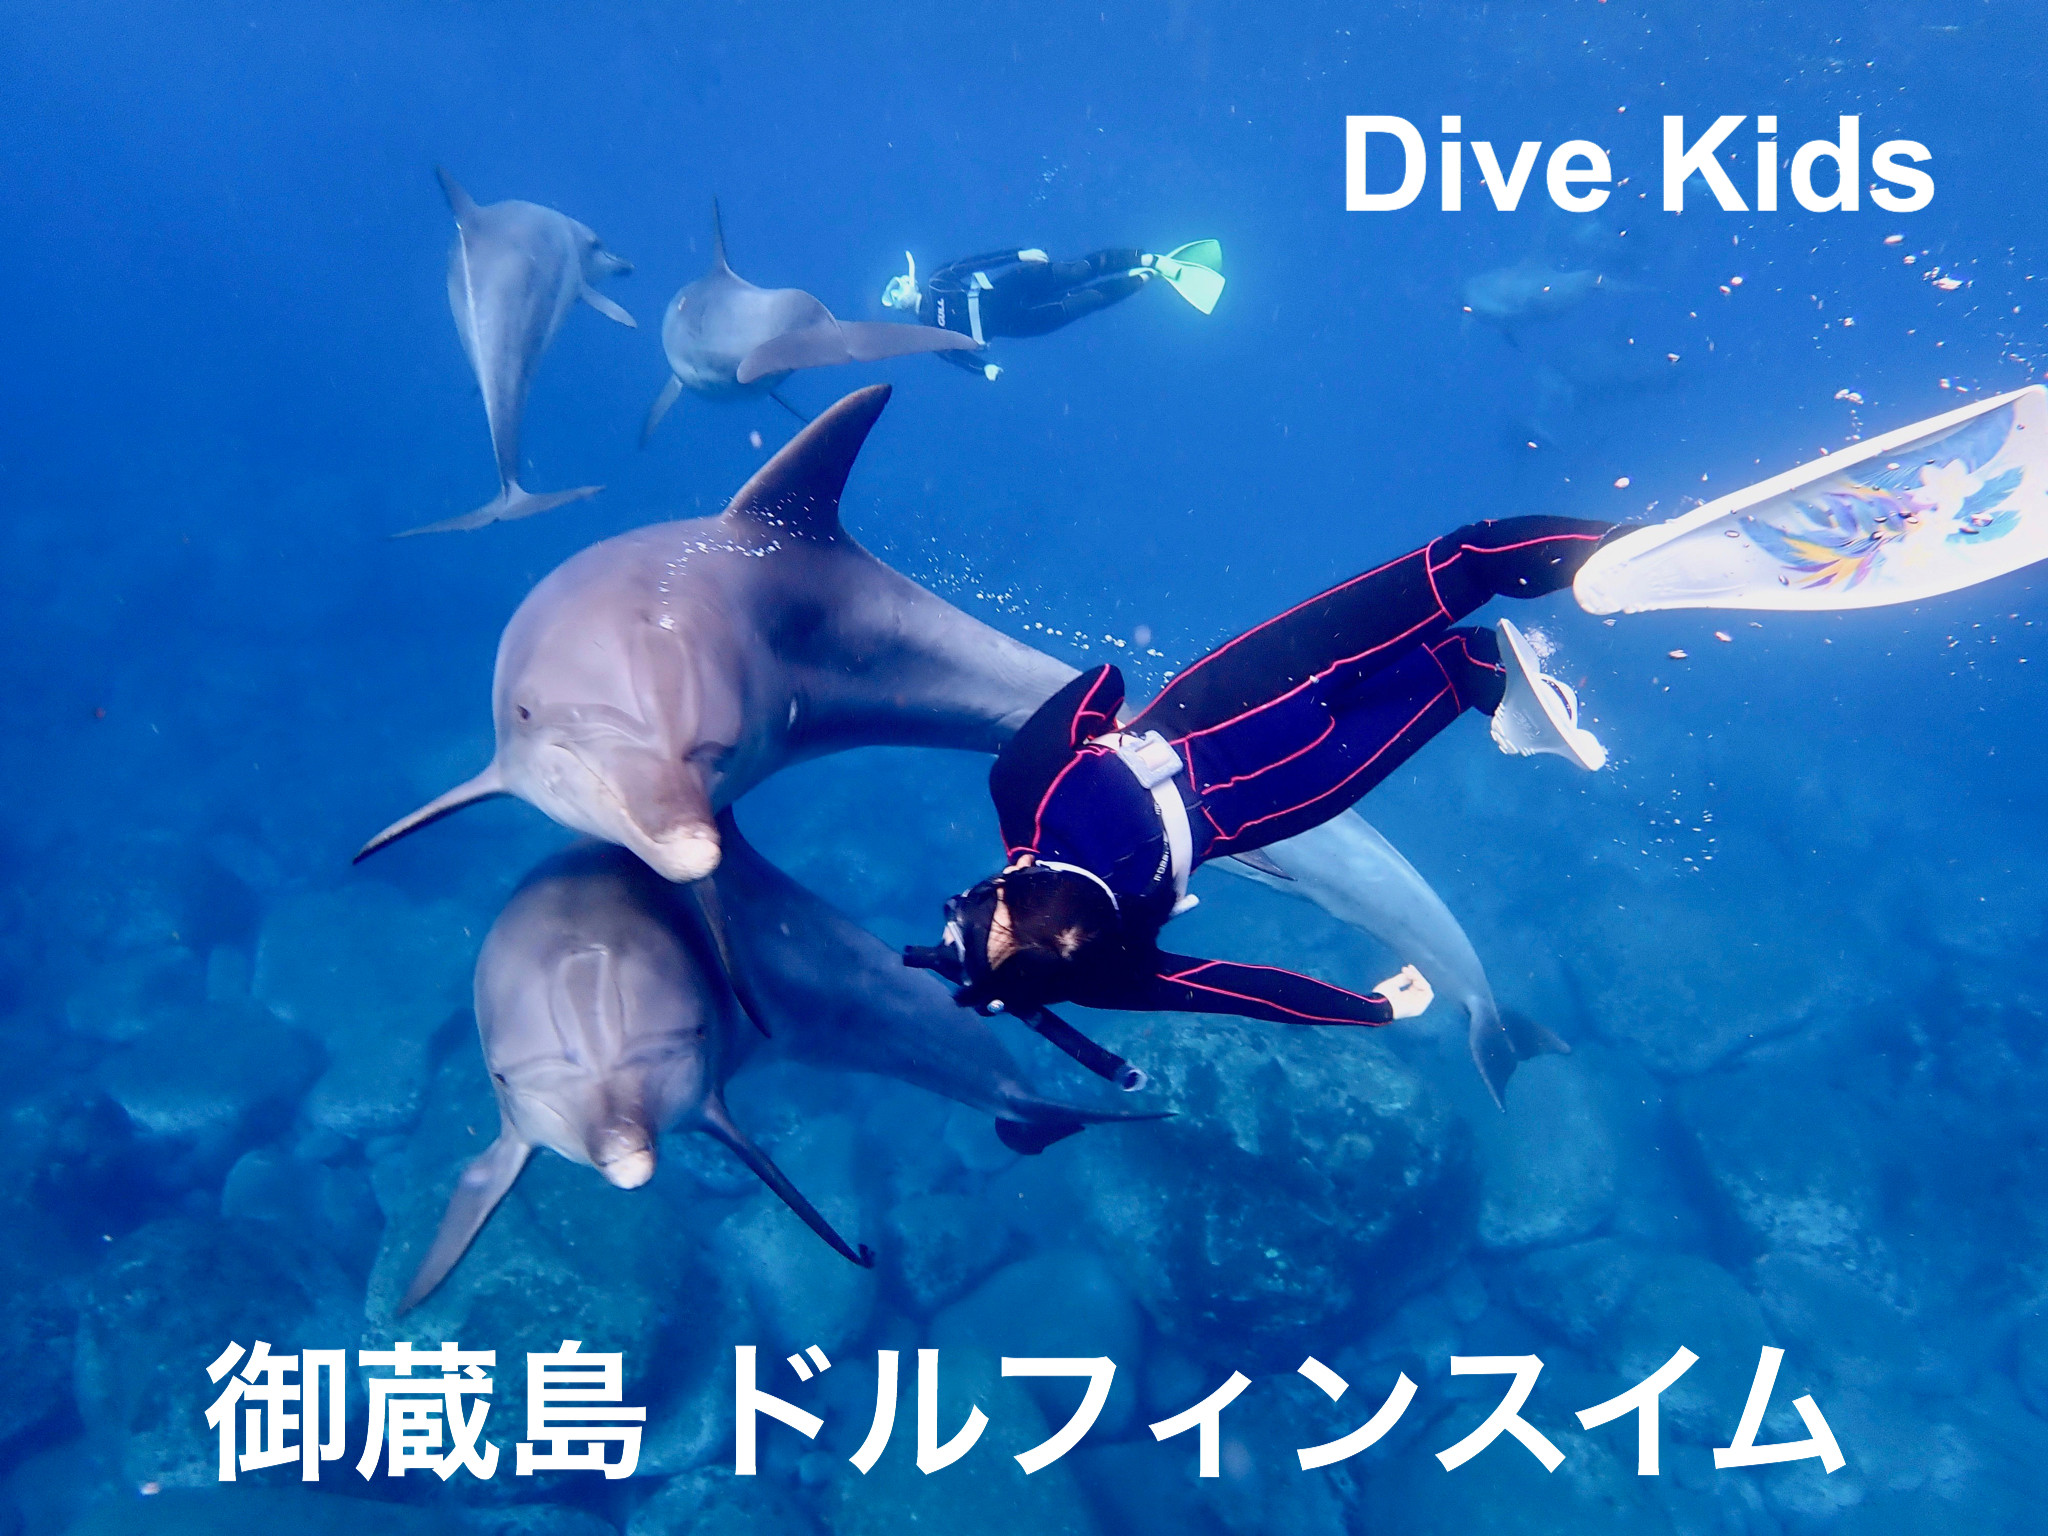 イルカと泳ぐ御蔵島ドルフィンスイムツアー|ダイブキッズ